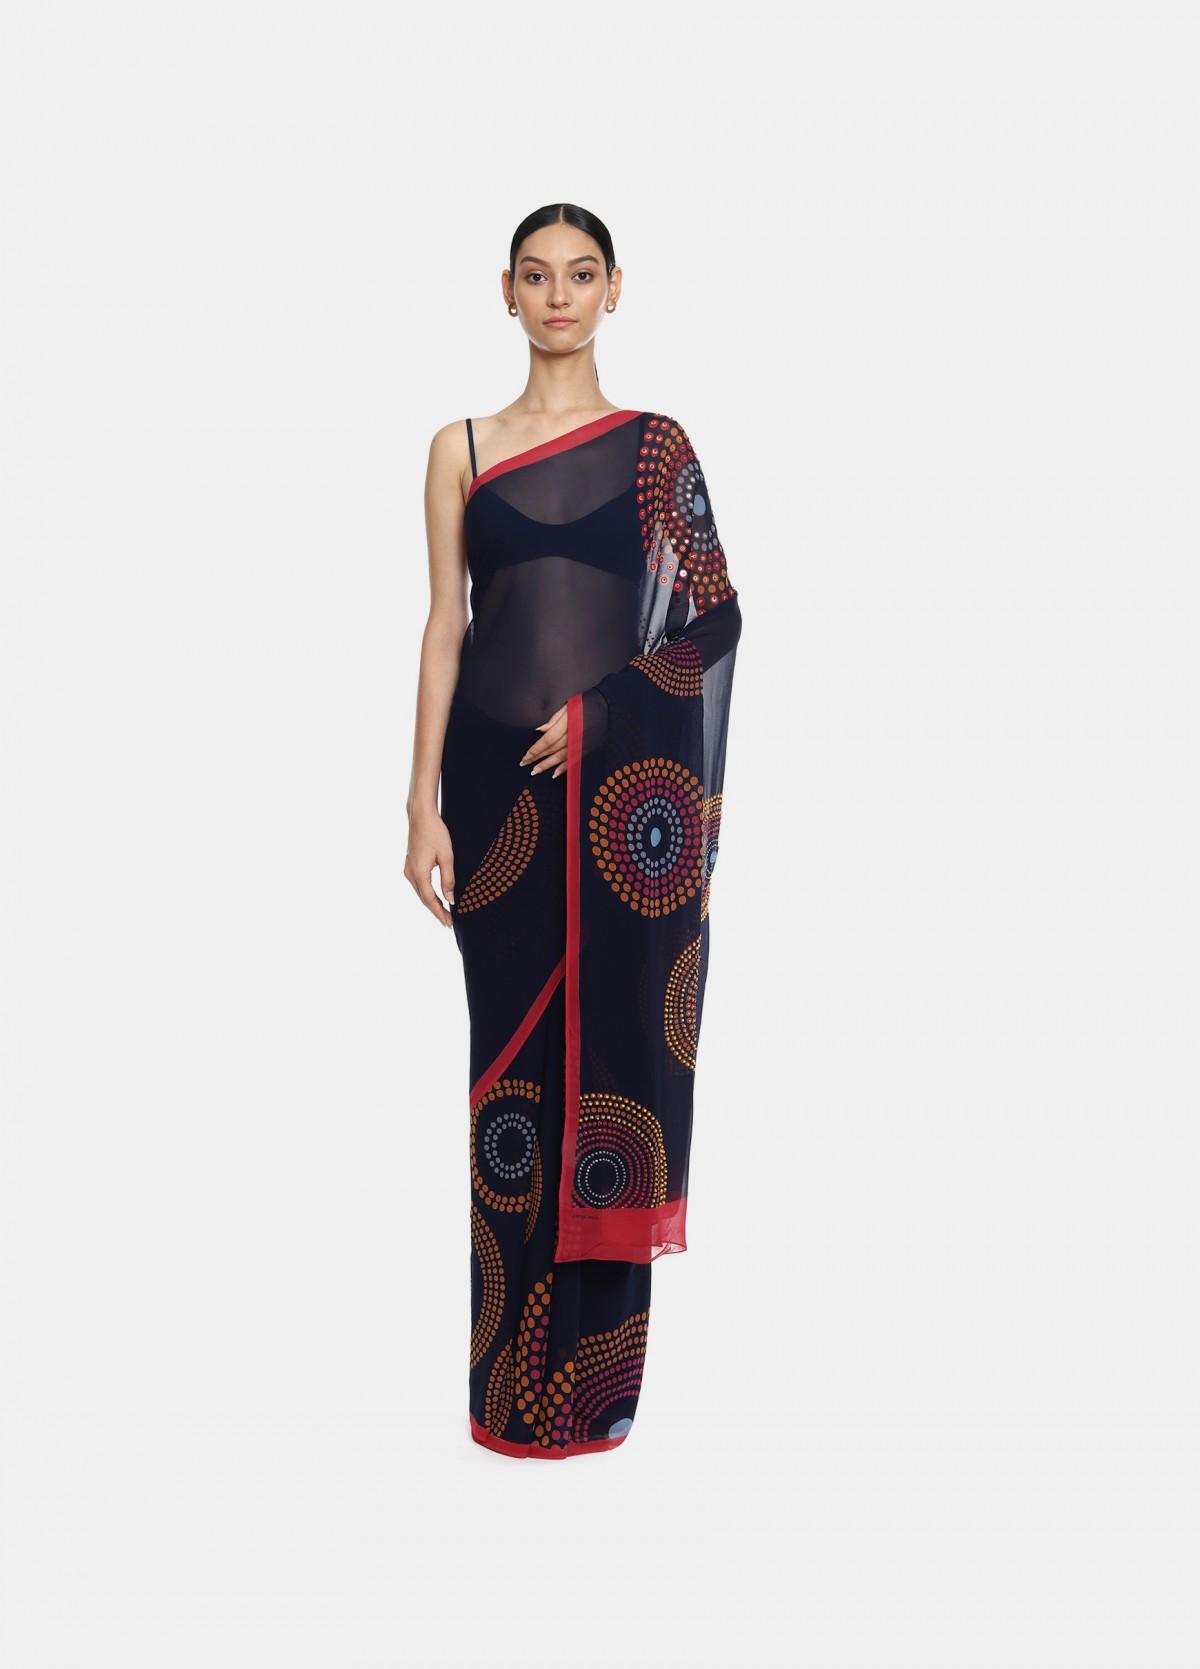 The Layla Sari